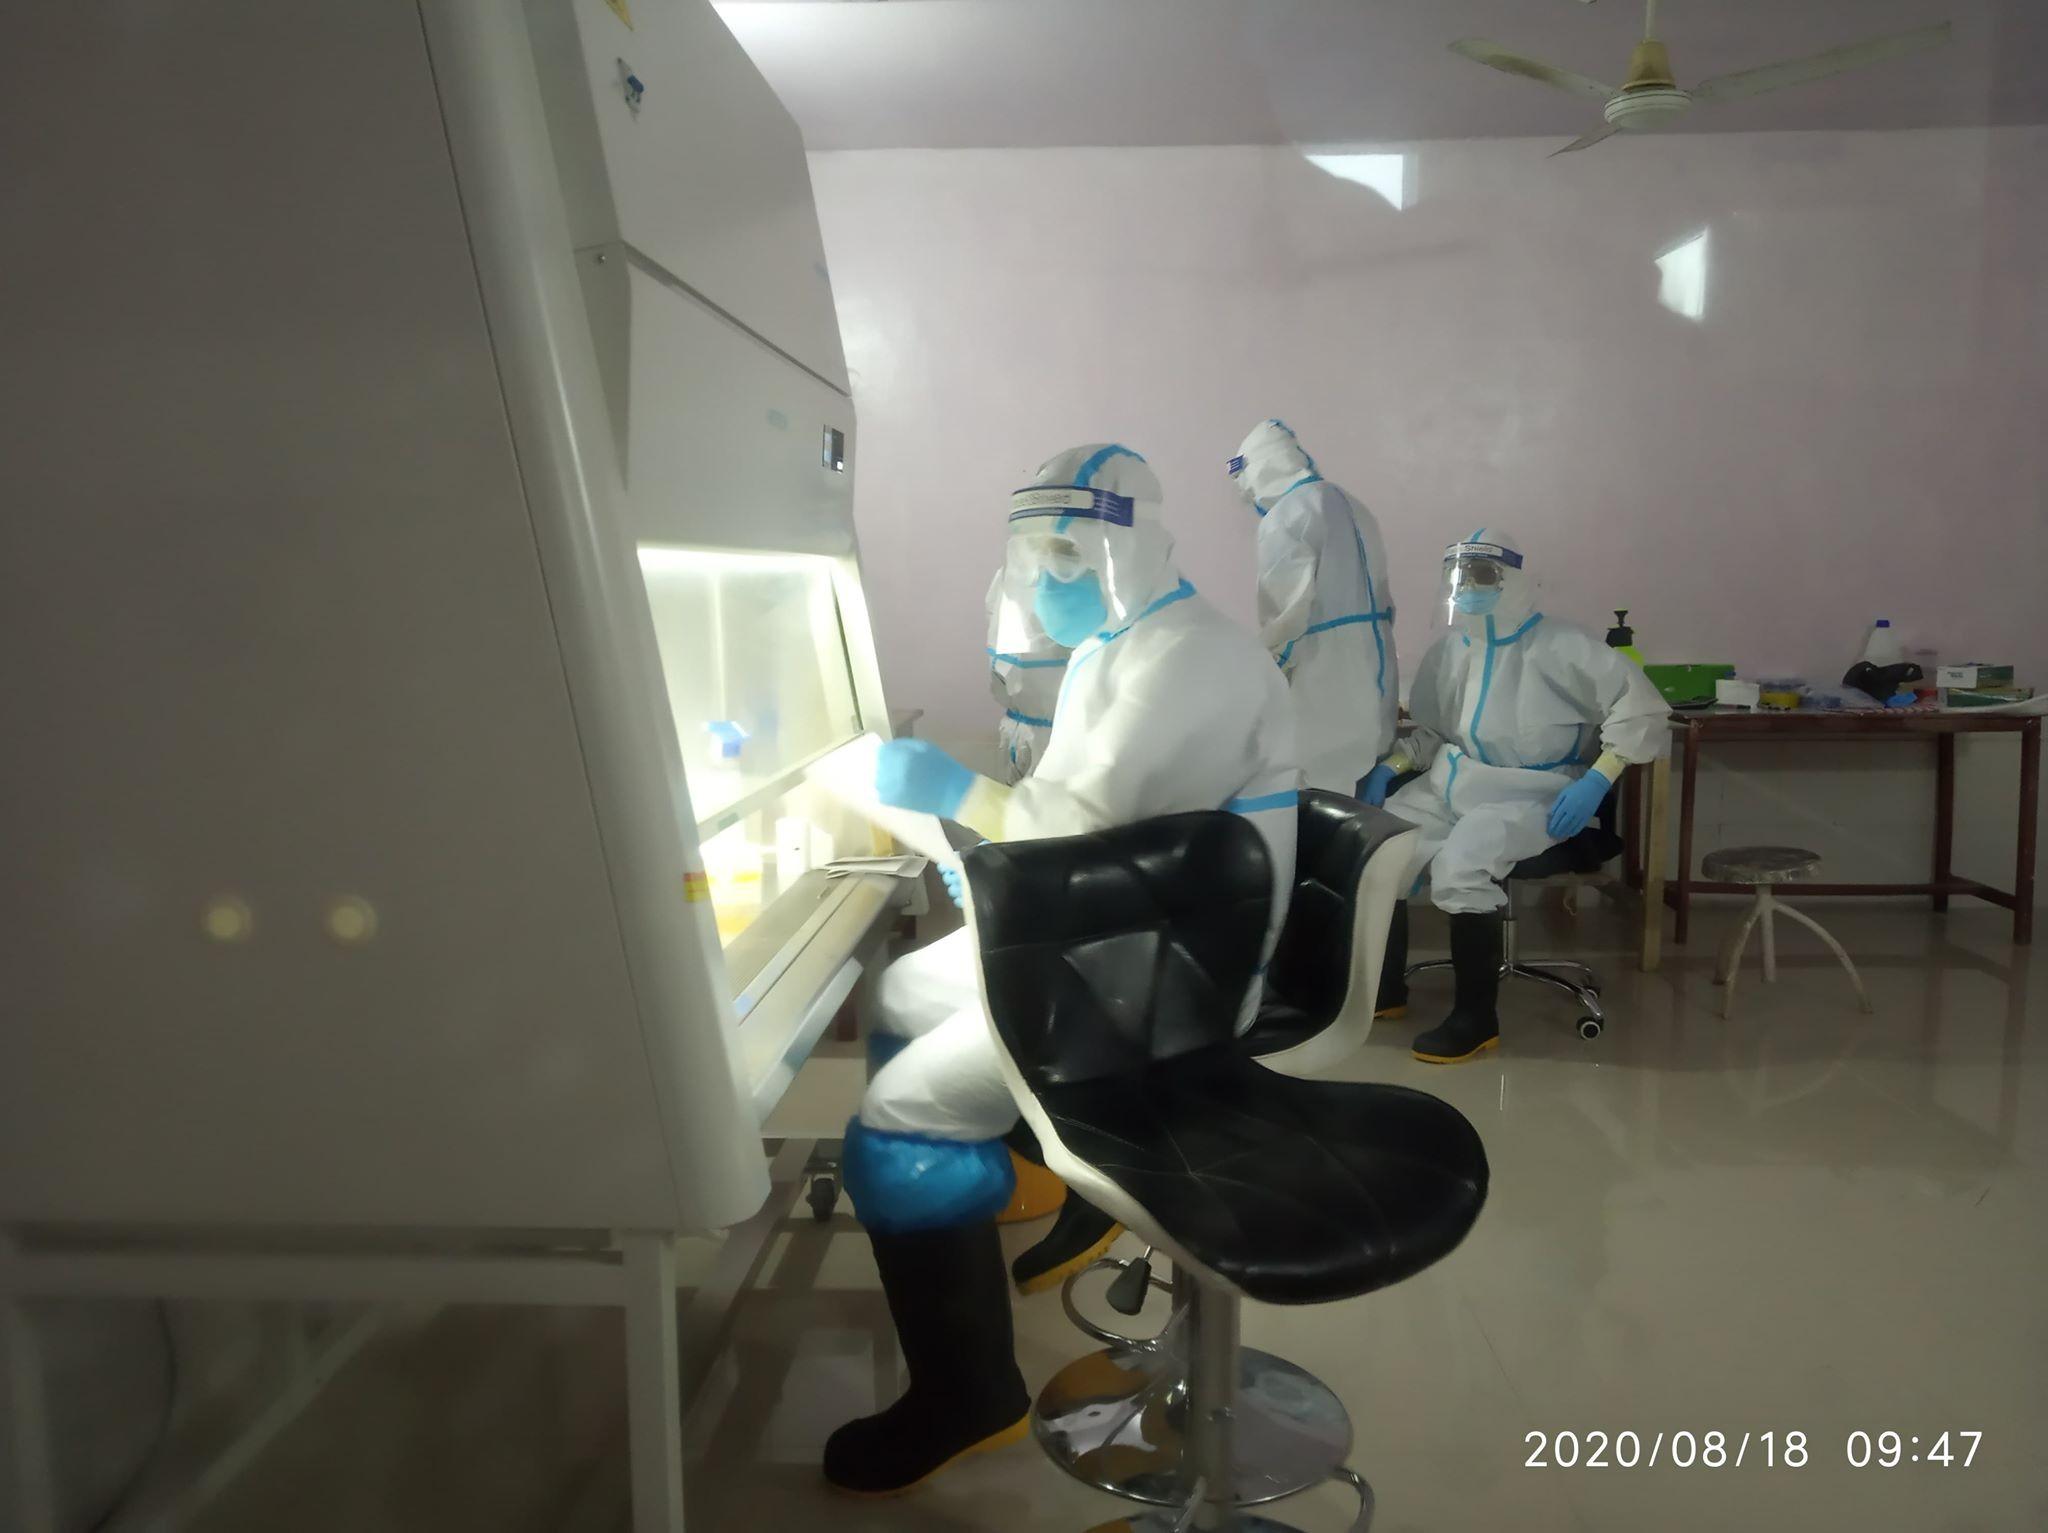 डोटी जिल्लामा थप १८ जना कोरोना संक्रमित पुष्टी